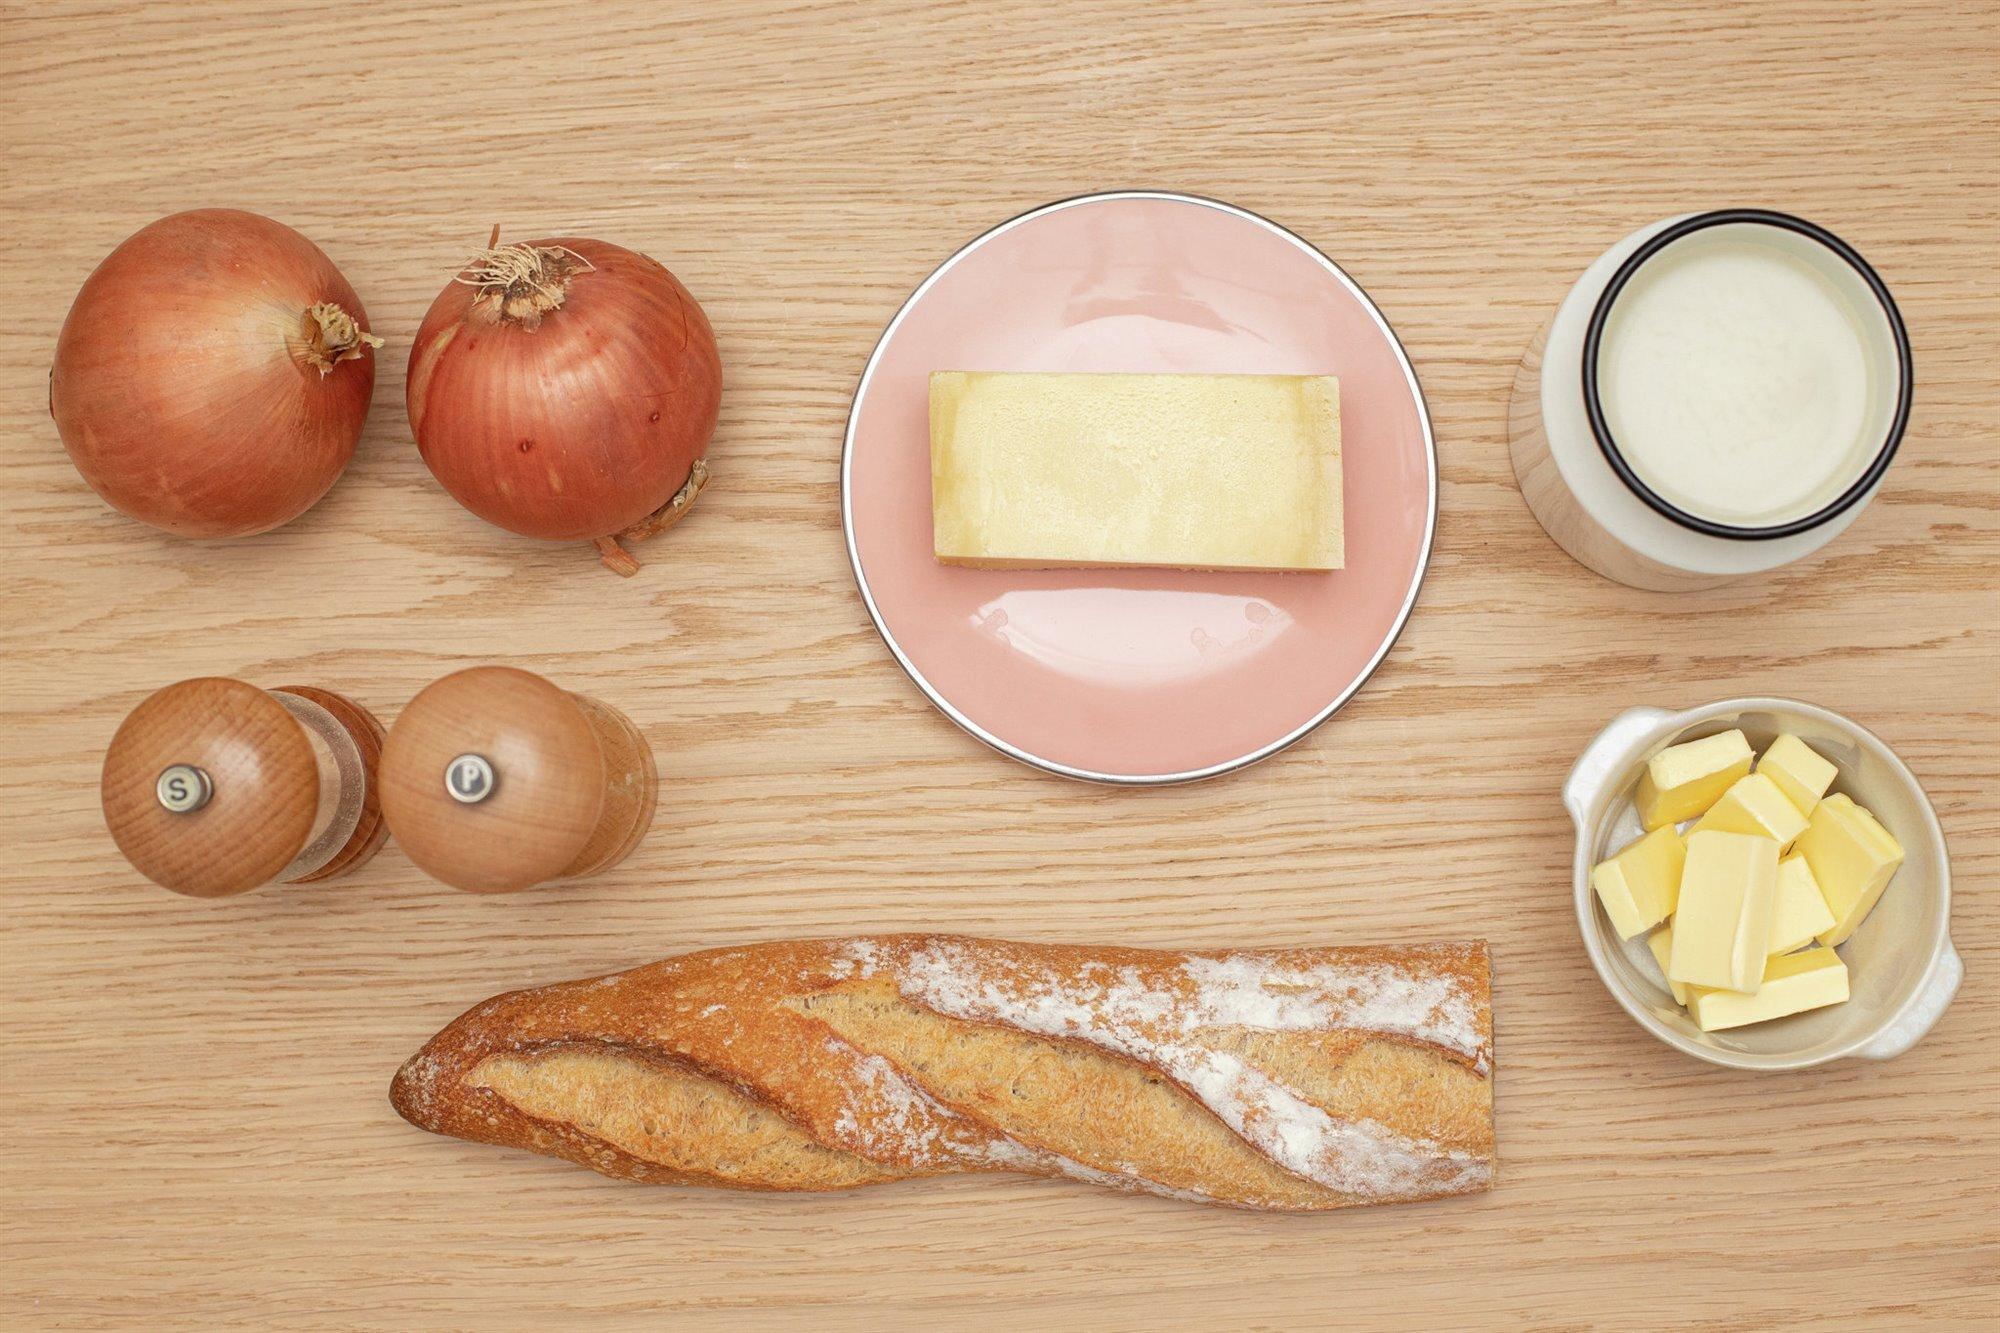 1. Corta rebanadas de pan y hornéalas